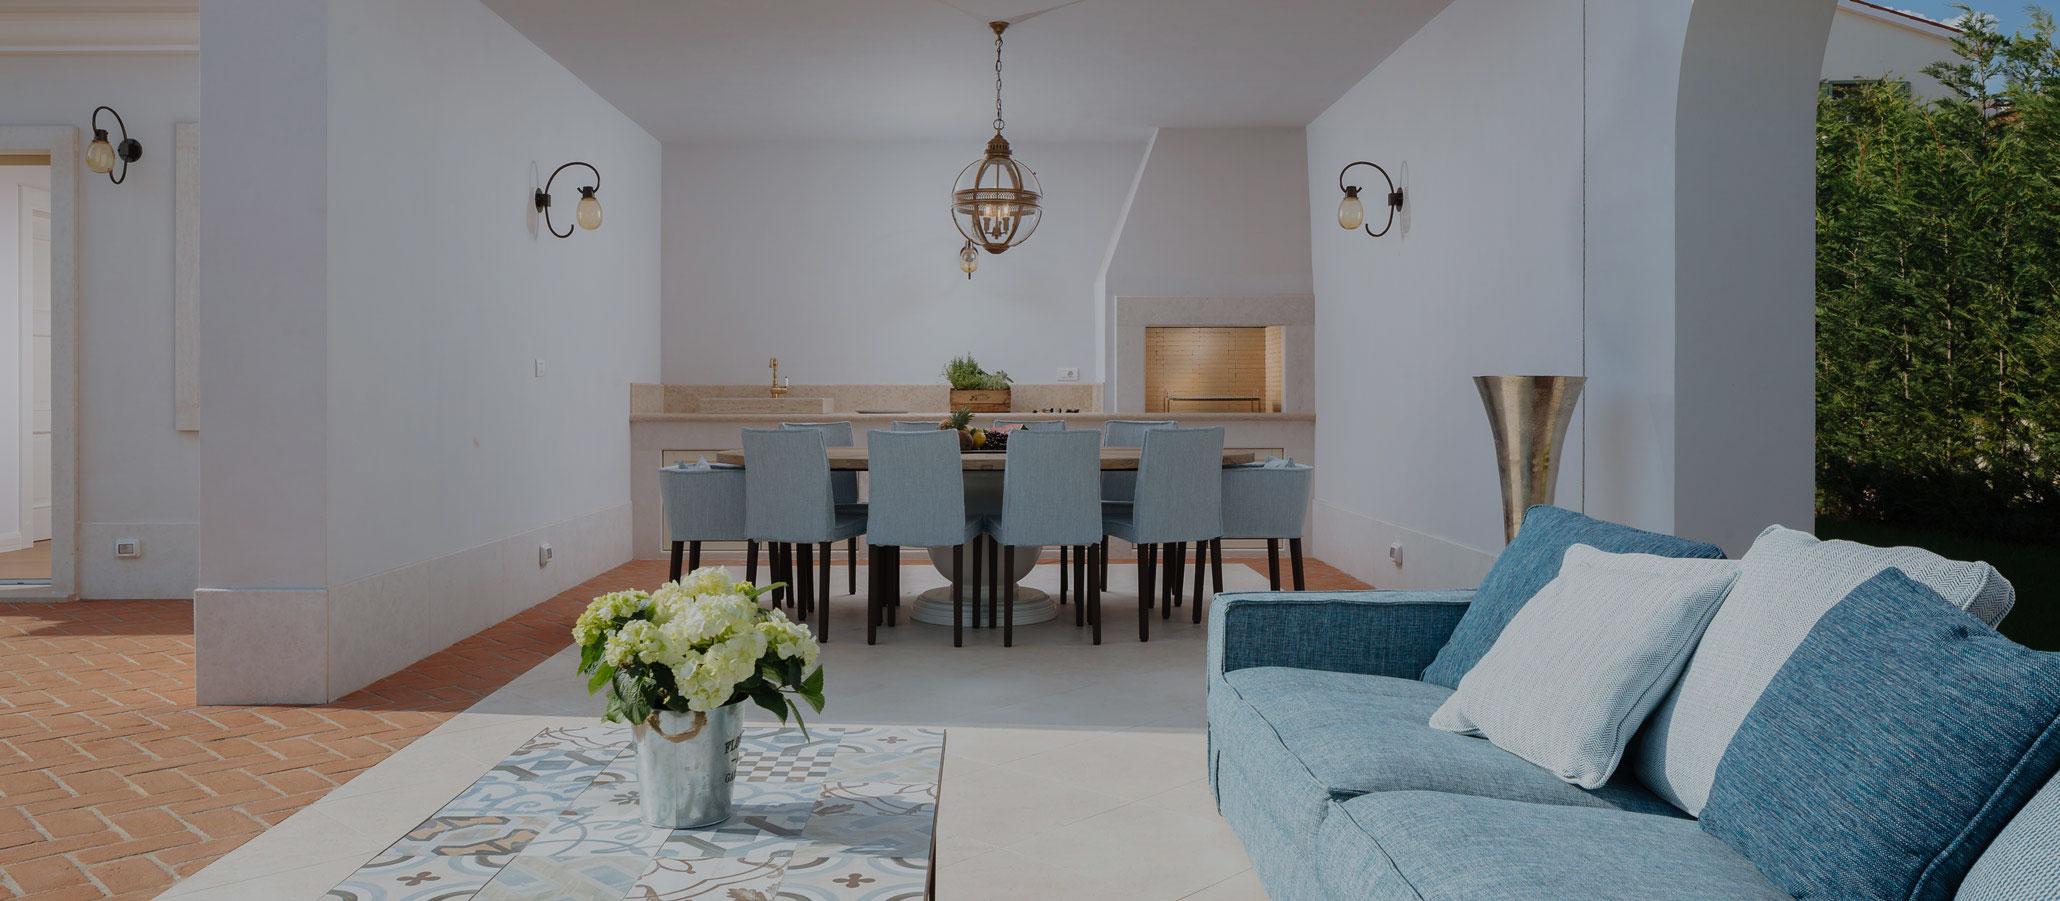 Slider-Foto 4 auf der Startseite der HMZ Luxury Villas